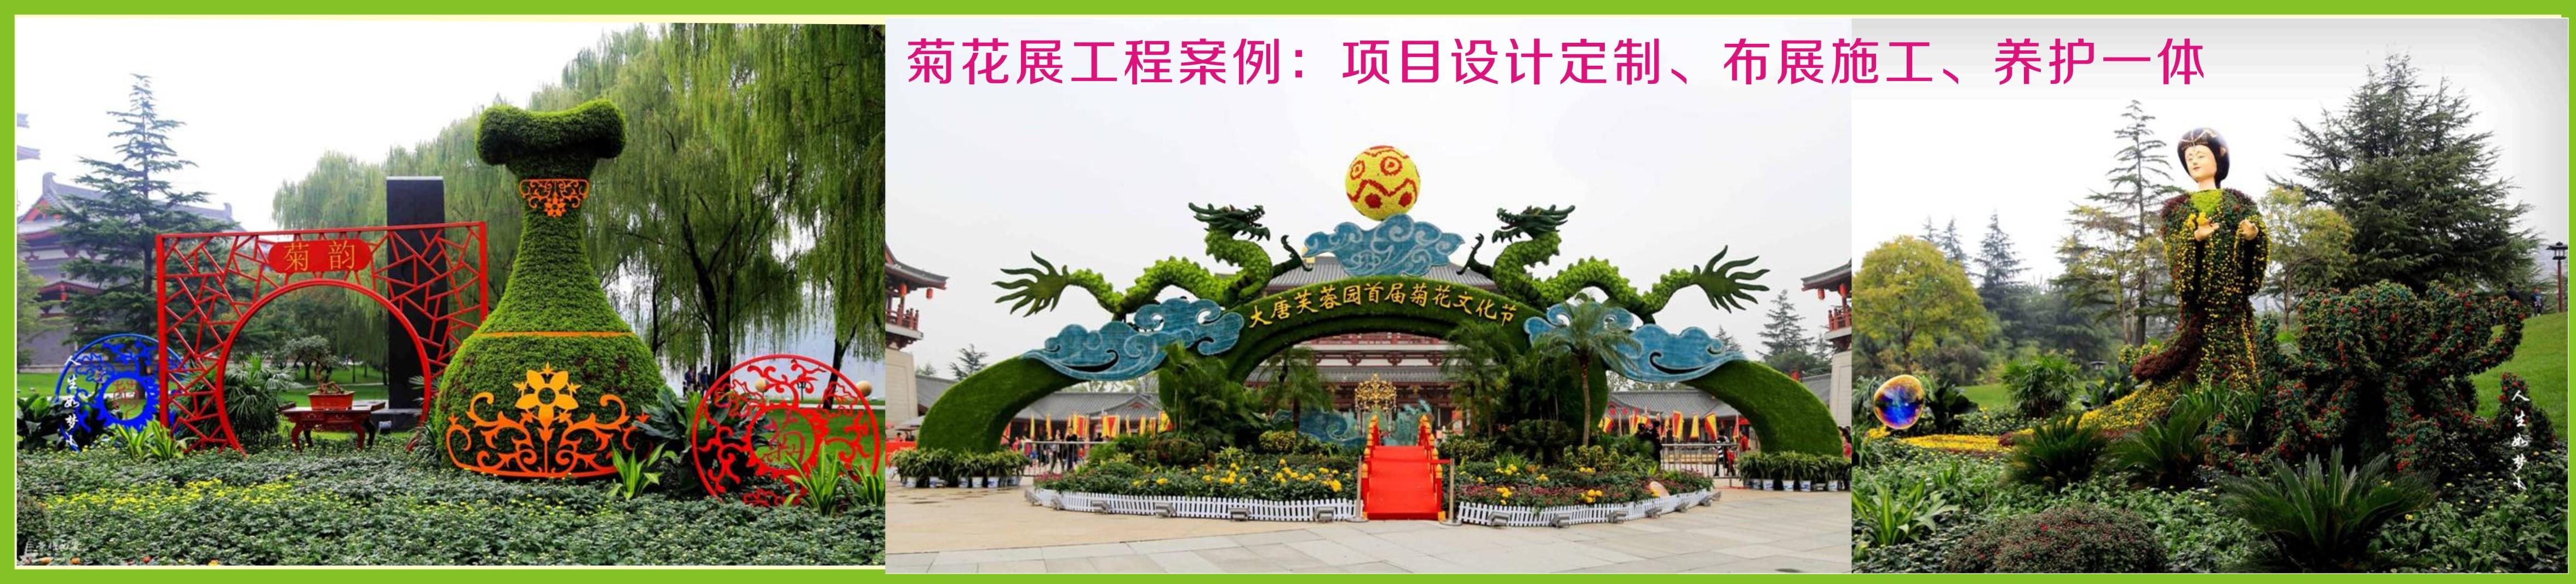 http://www.hnnjyl.cn/data/upload/202107/20210718225402_792.jpg